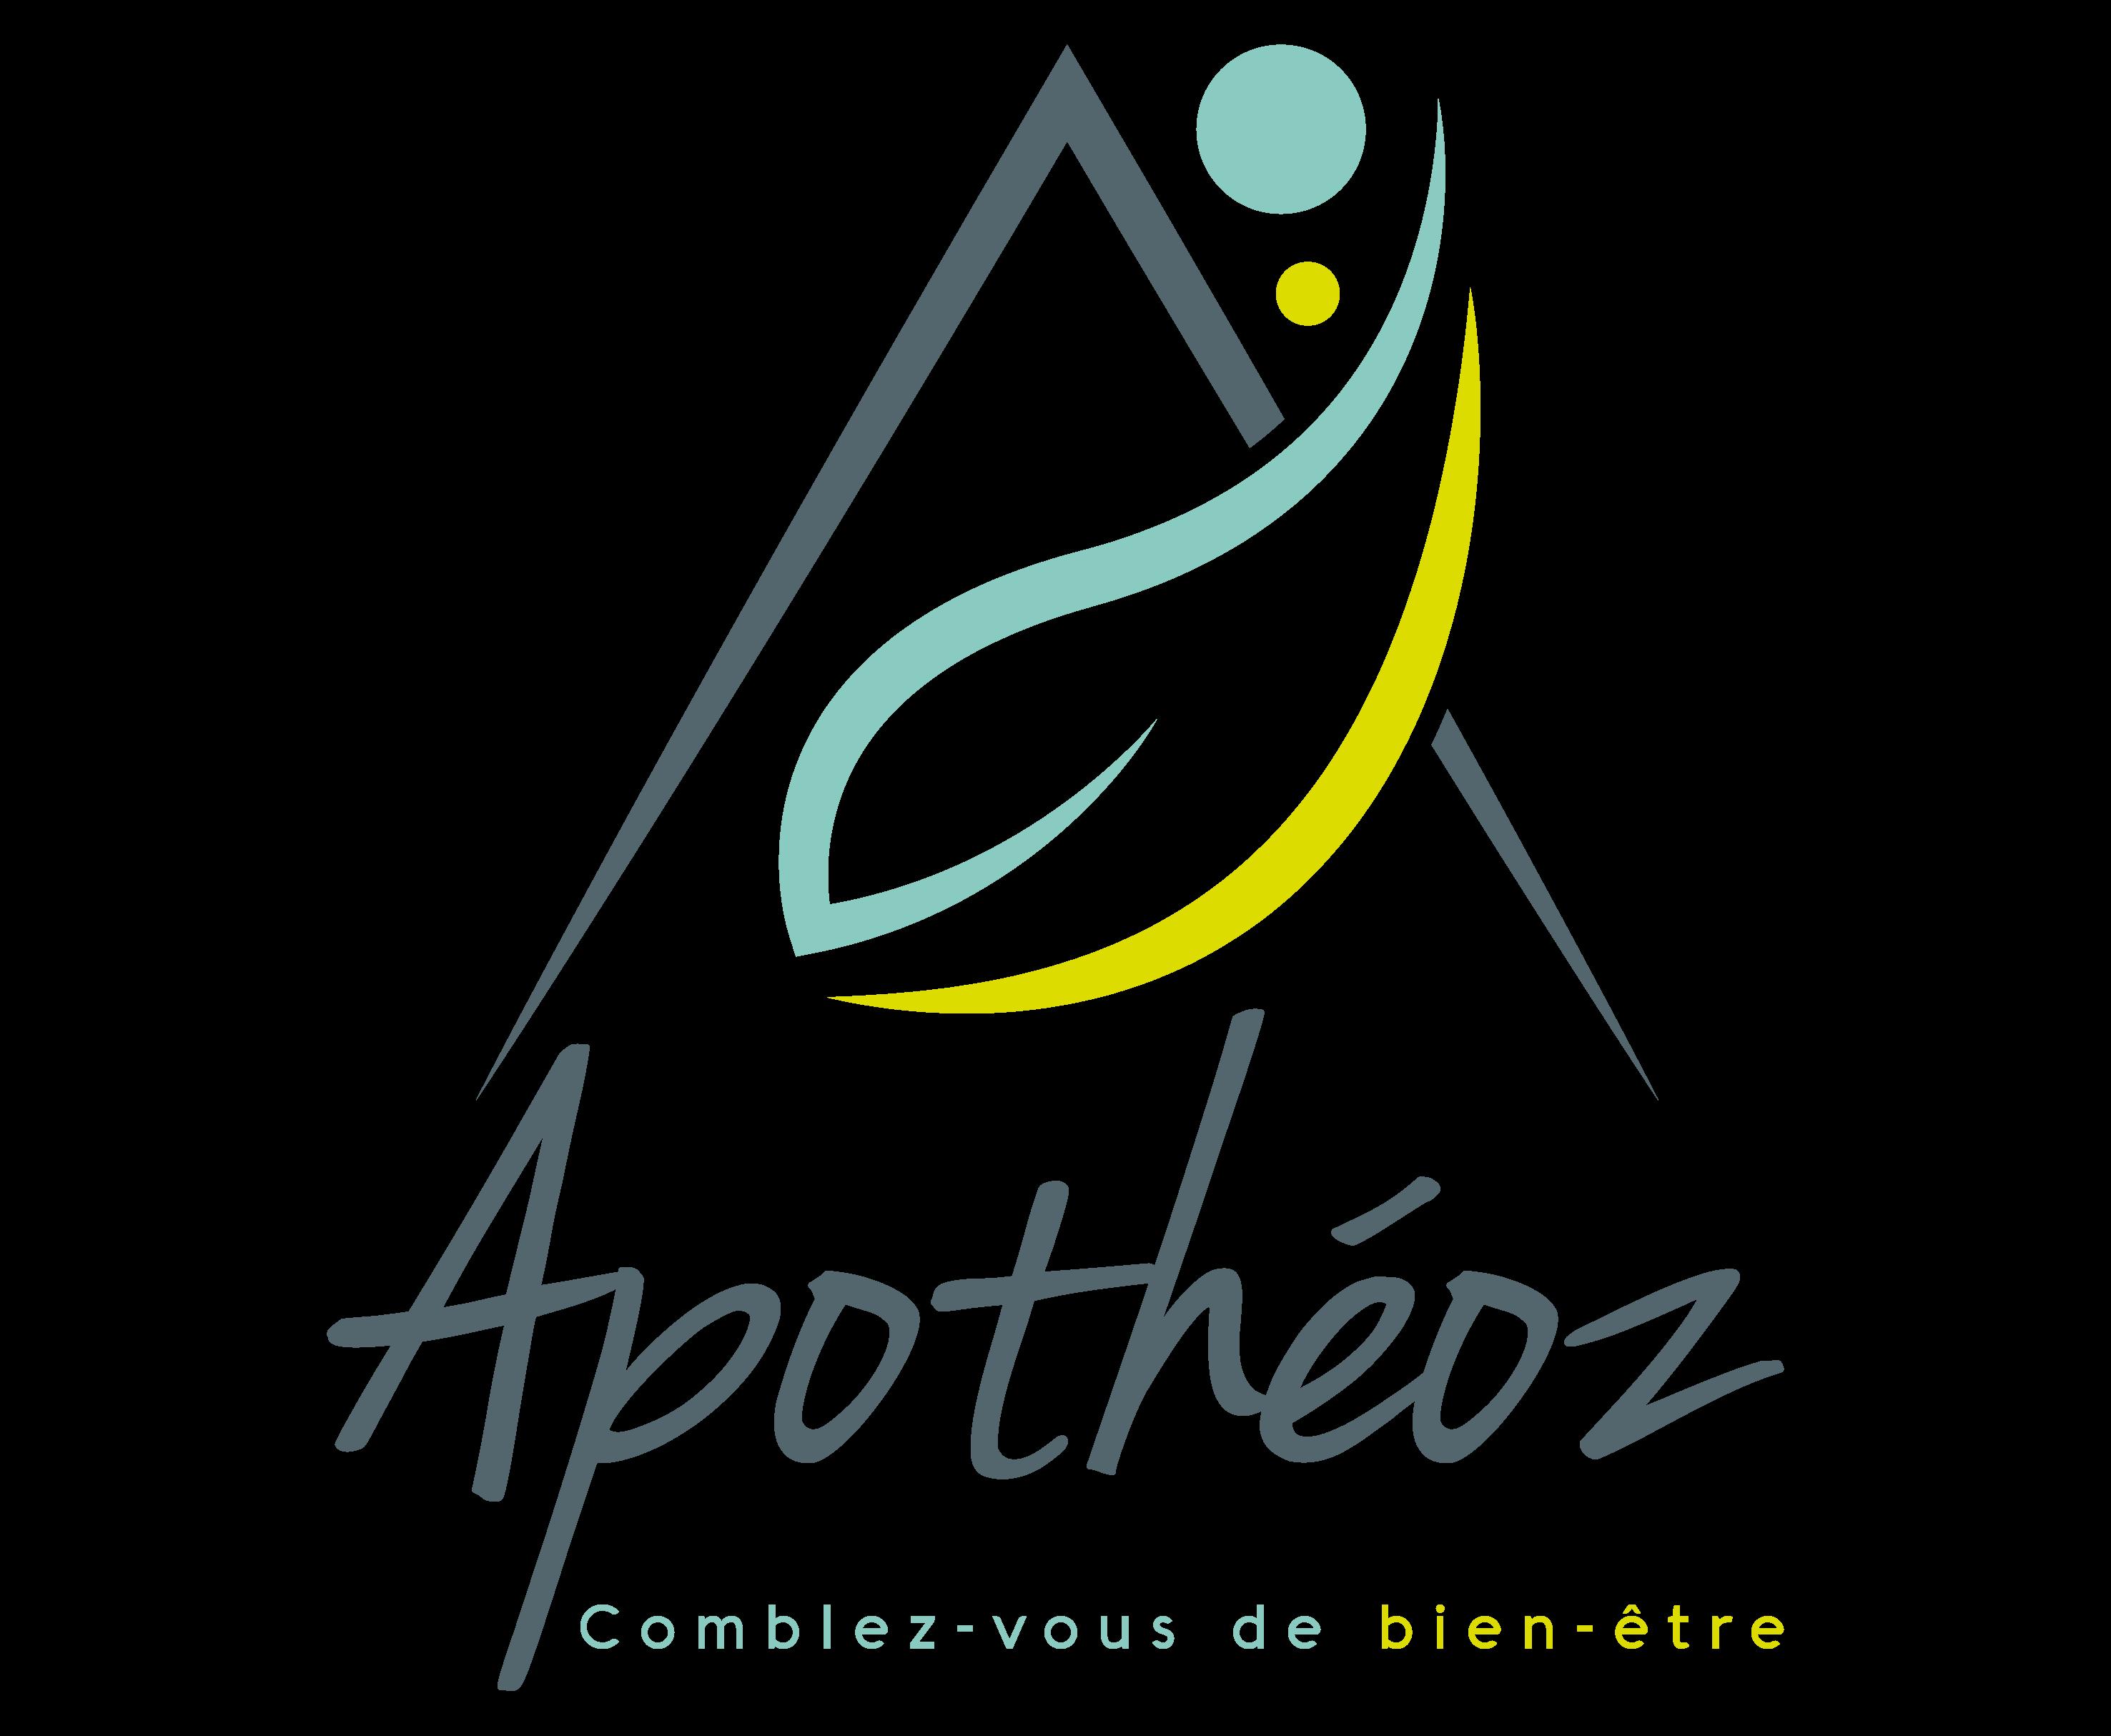 Apotheoz